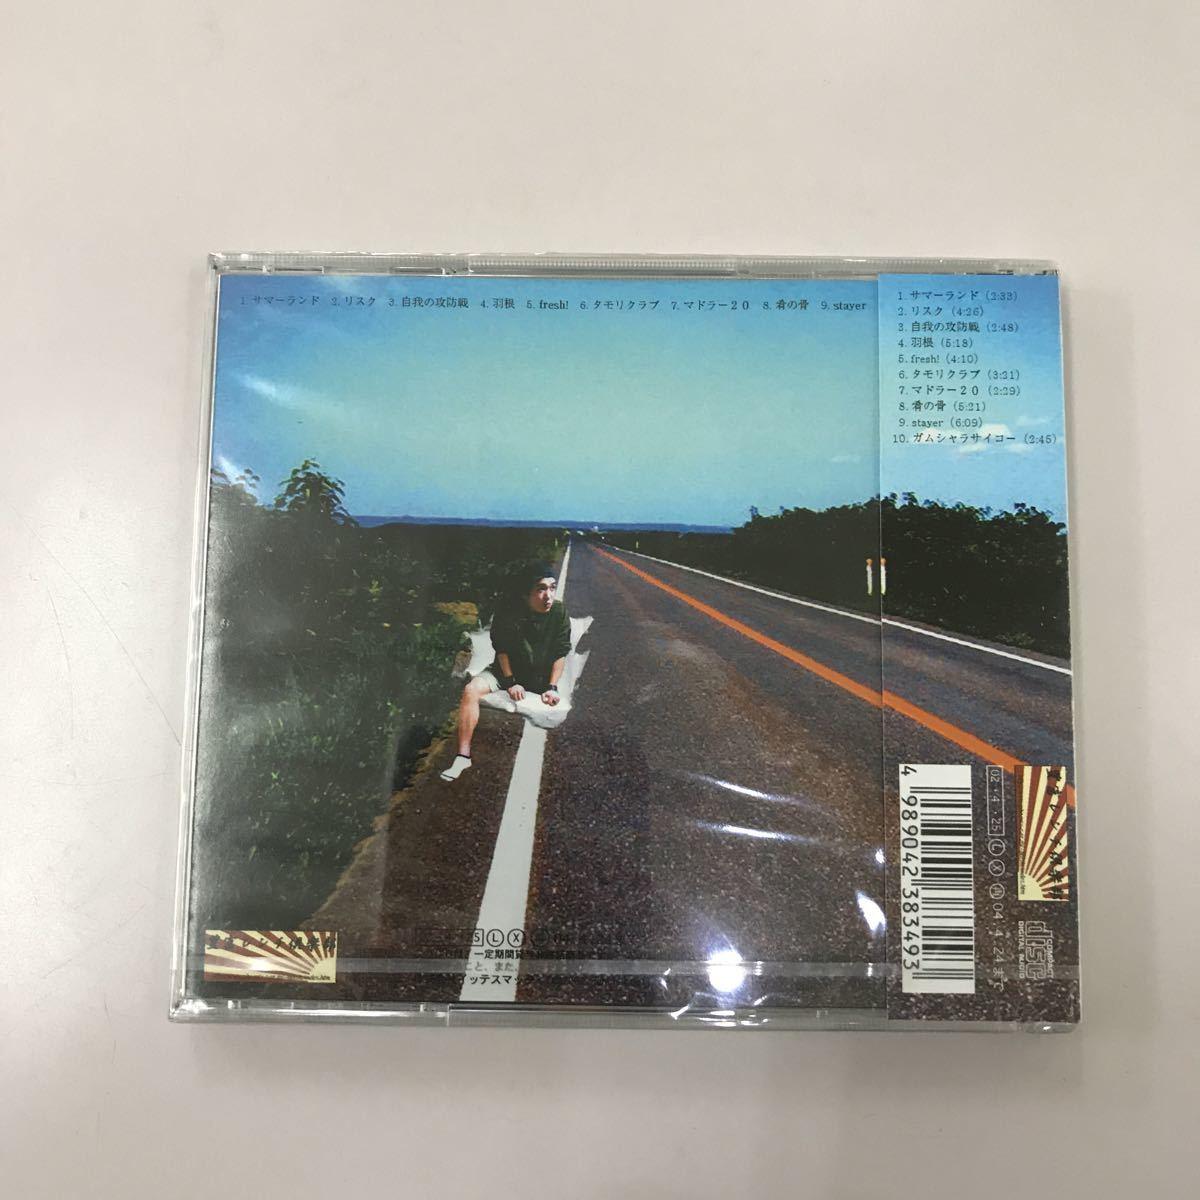 CD 新品未開封 長期保存品【邦楽】レンチクルーラー G